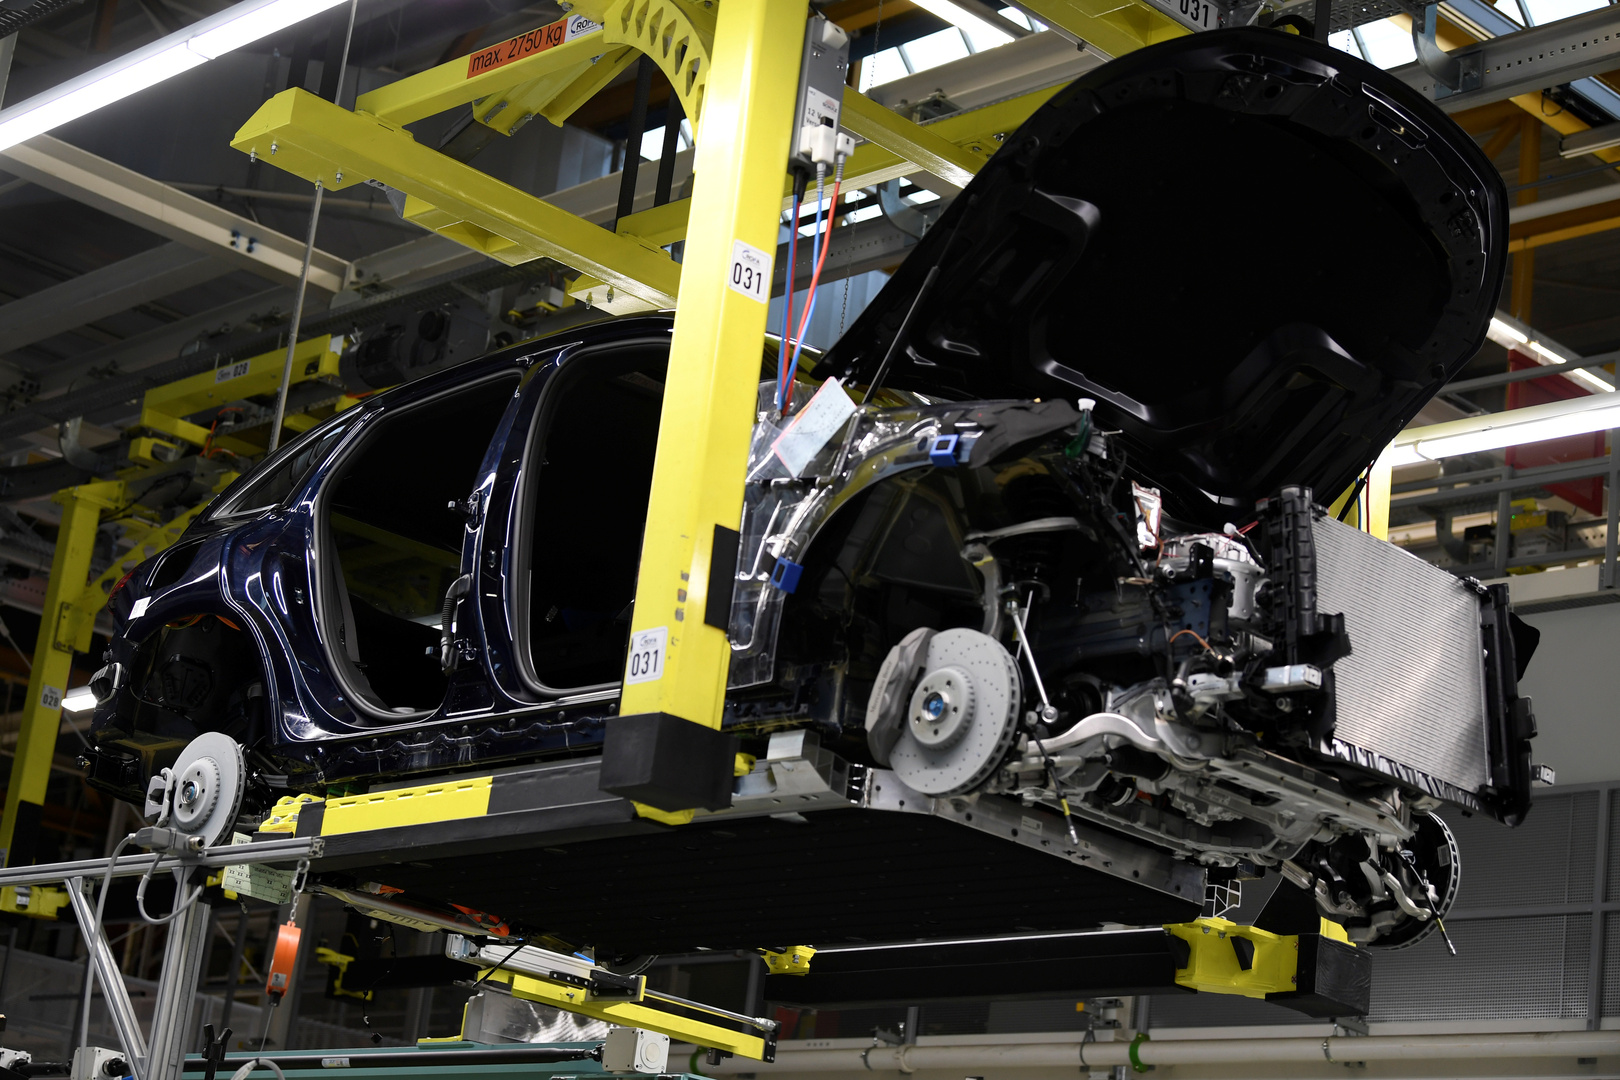 ألمانيا.. القطاع الصناعي يظهر أسوأ أداء منذ 1991